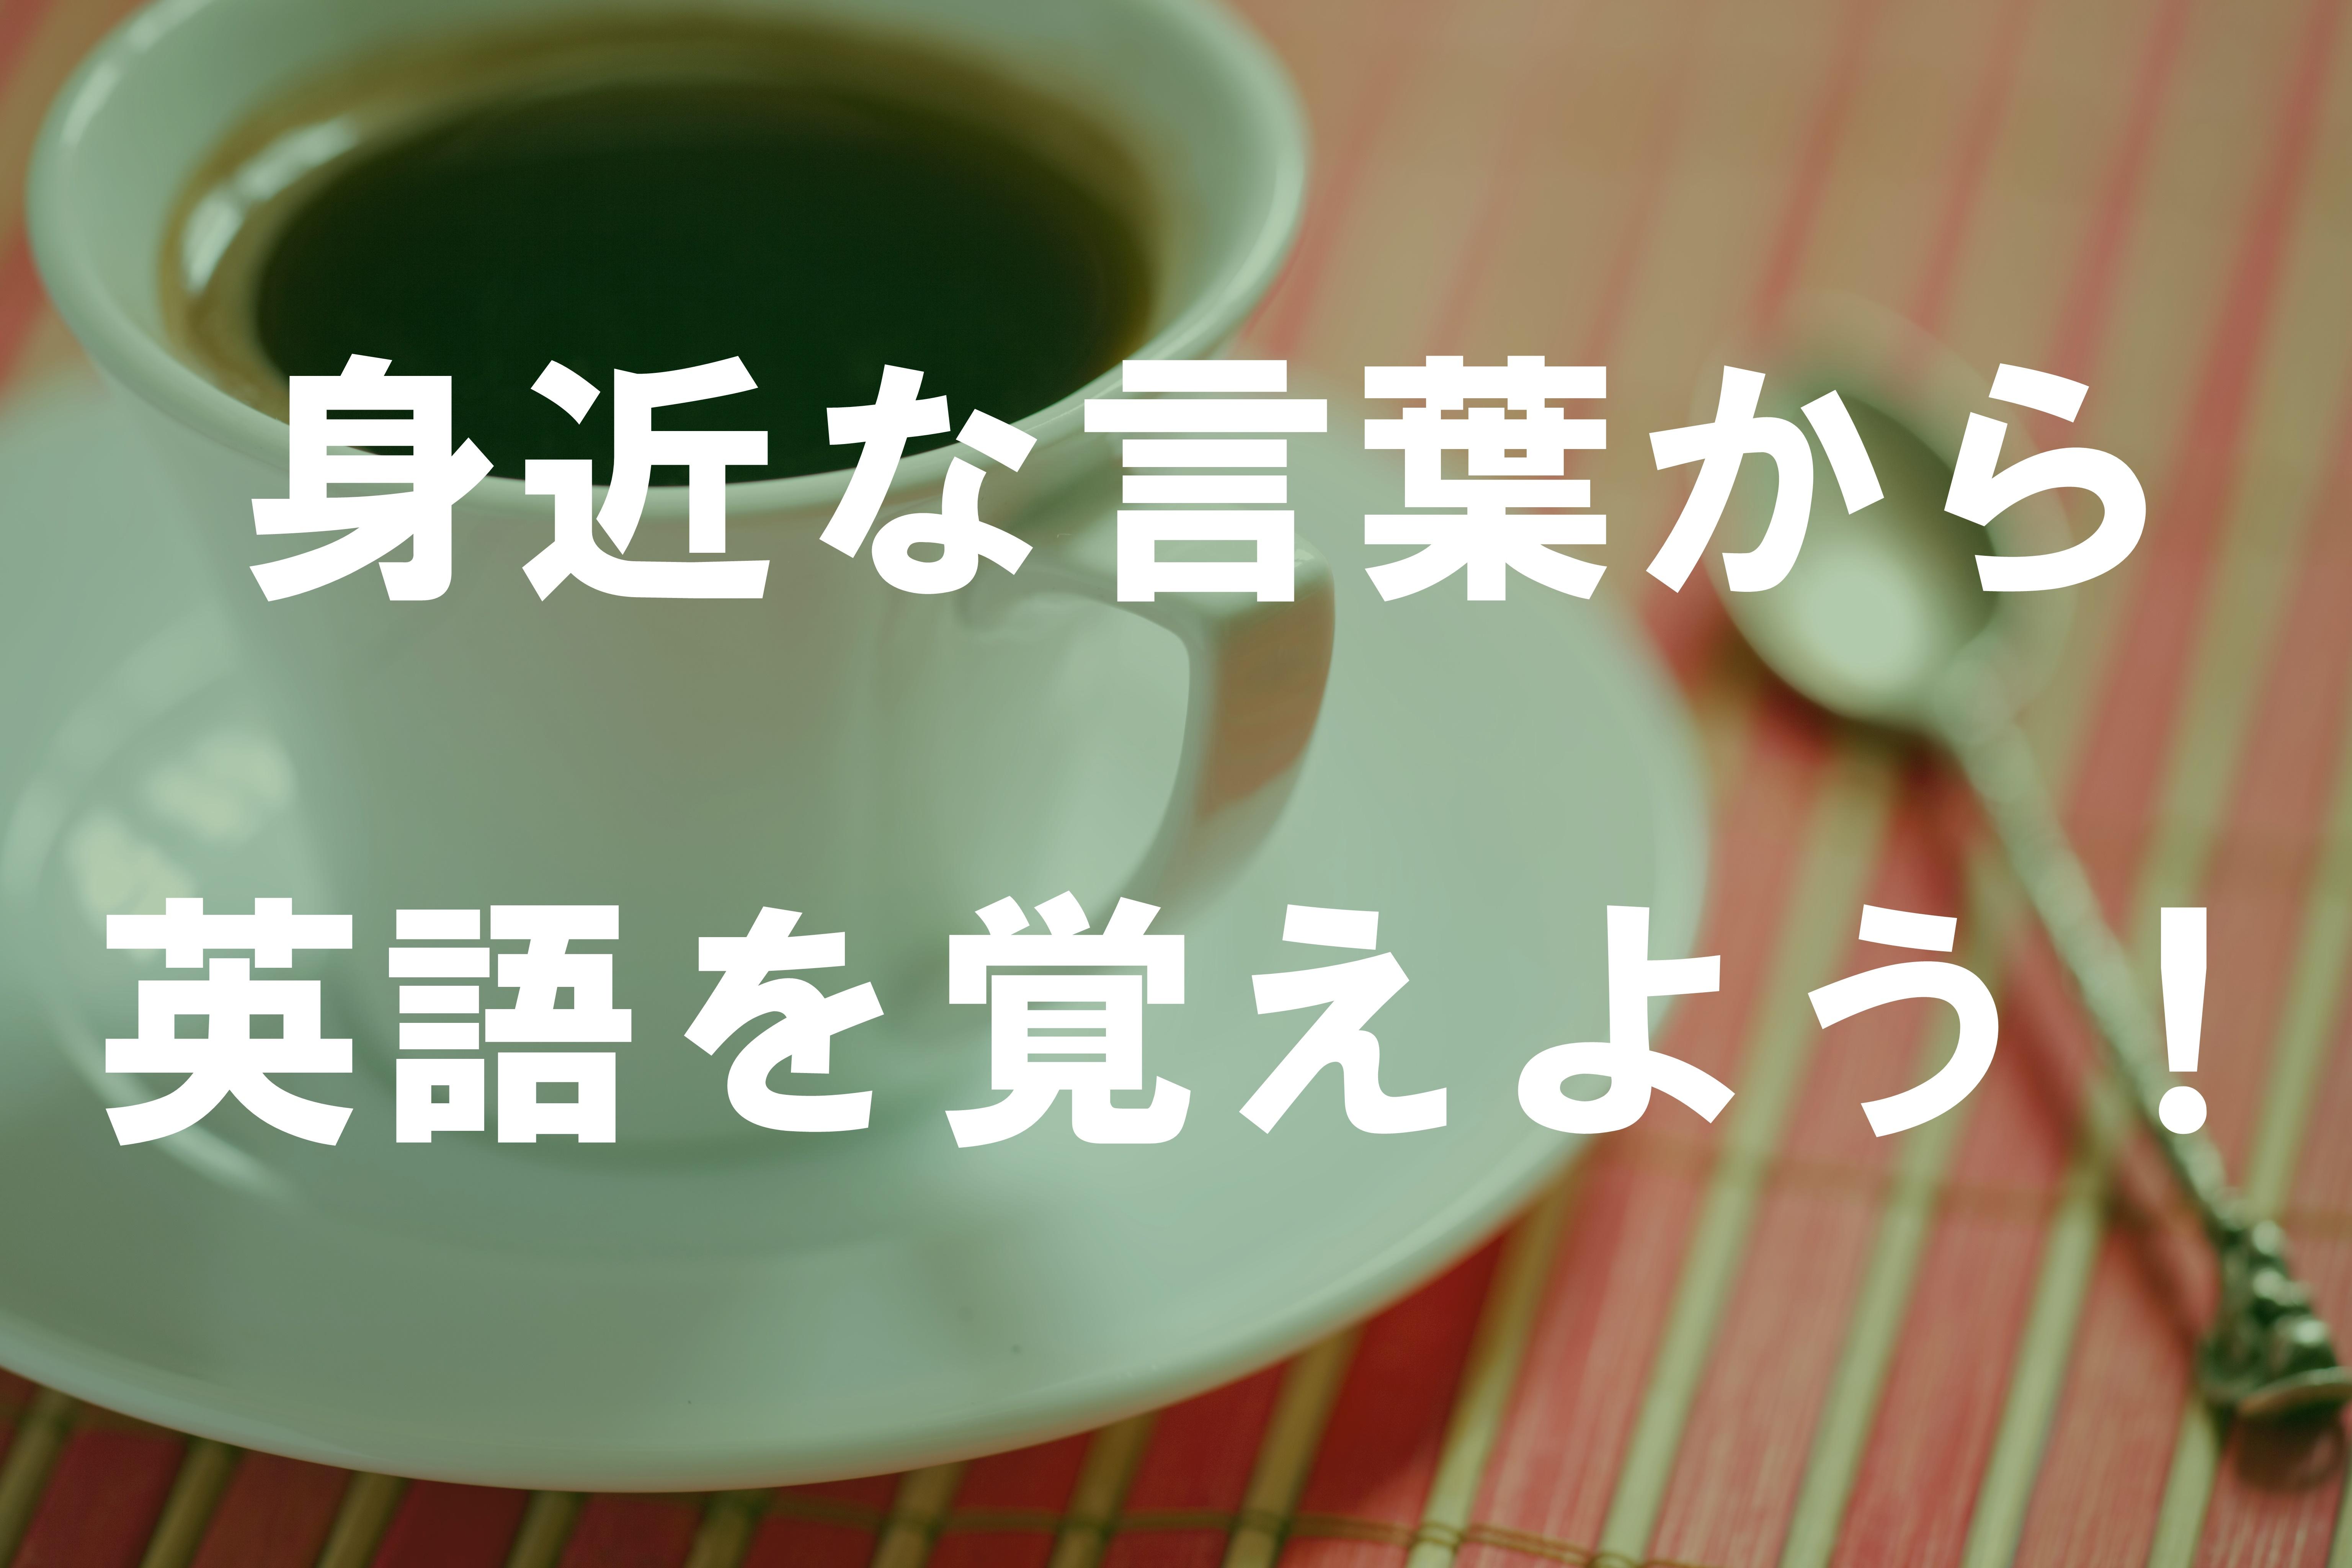 身近な言葉から英語を覚えよう!